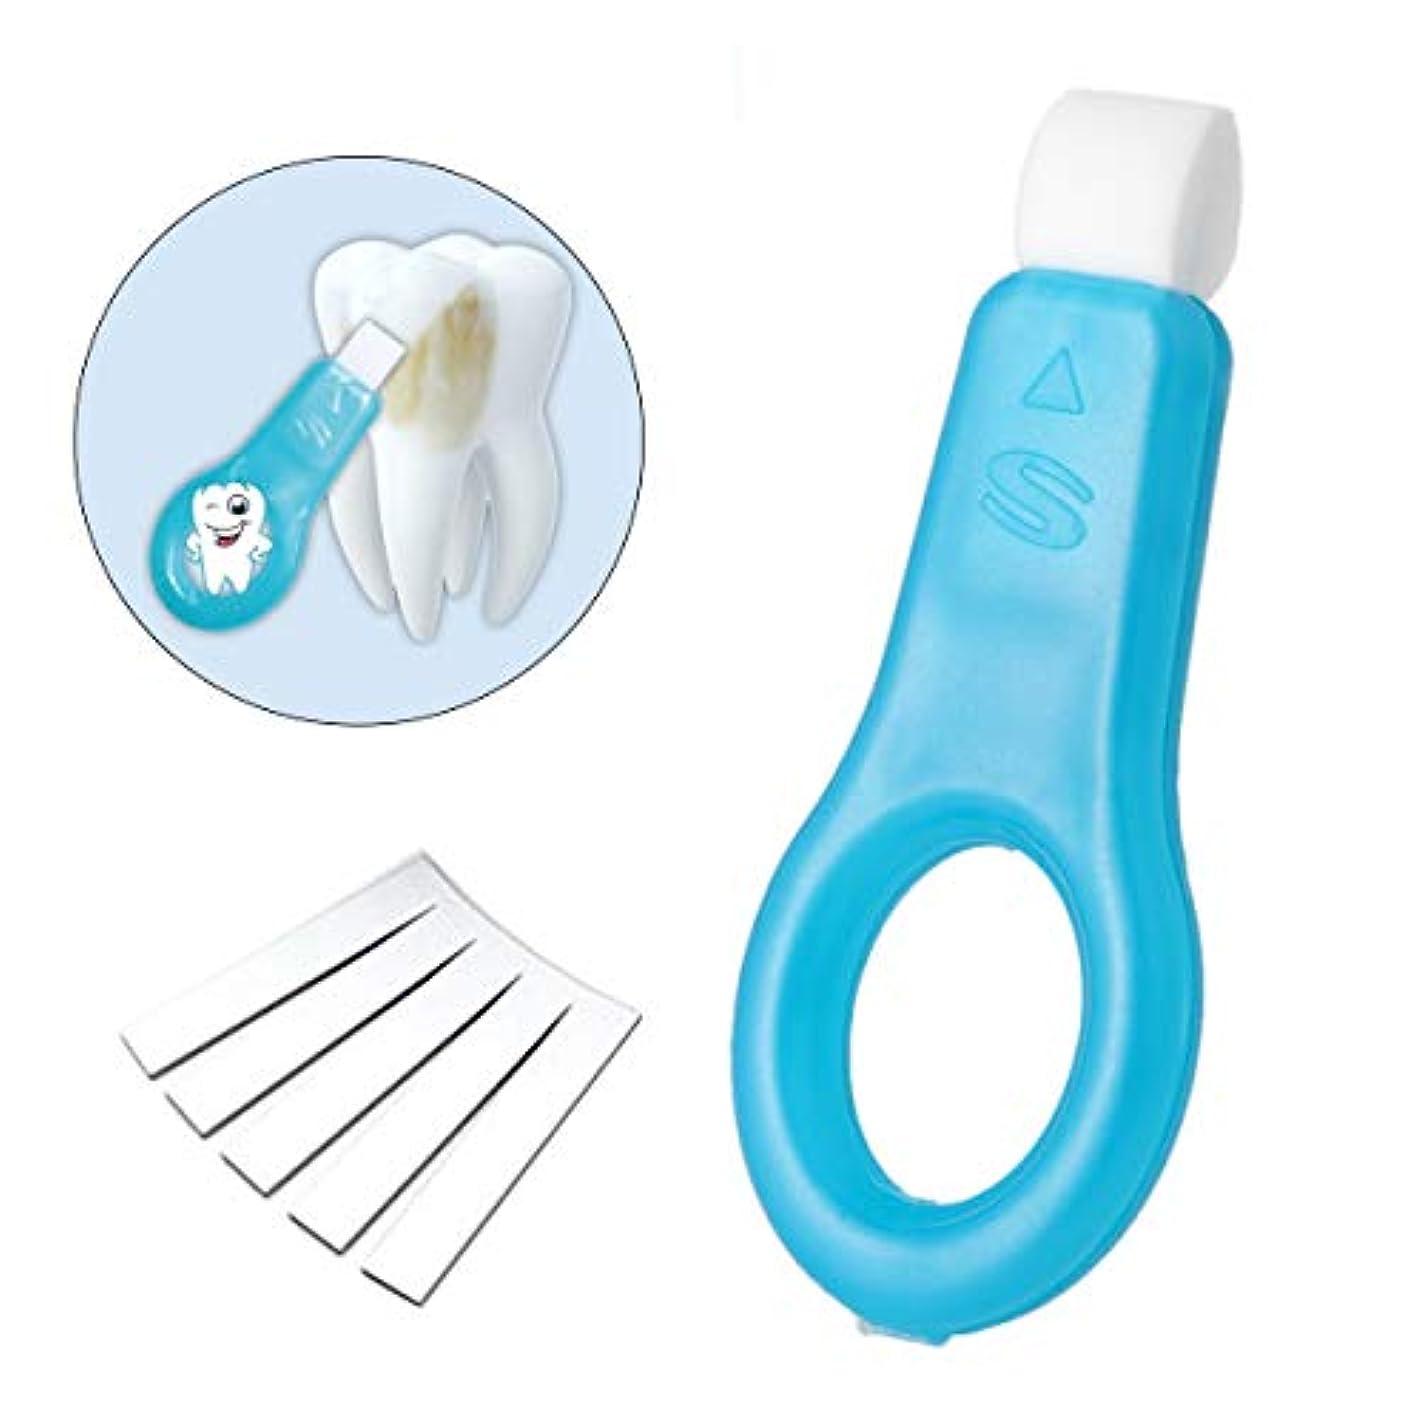 誘惑バイソンレインコートOurine 歯 消しゴム ピーリングスポンジ ホームケア用 ホワイトニング ブラシ歯をきれいにするキット 本体 (ブルー)+替えスポンジ5枚 セット (青)